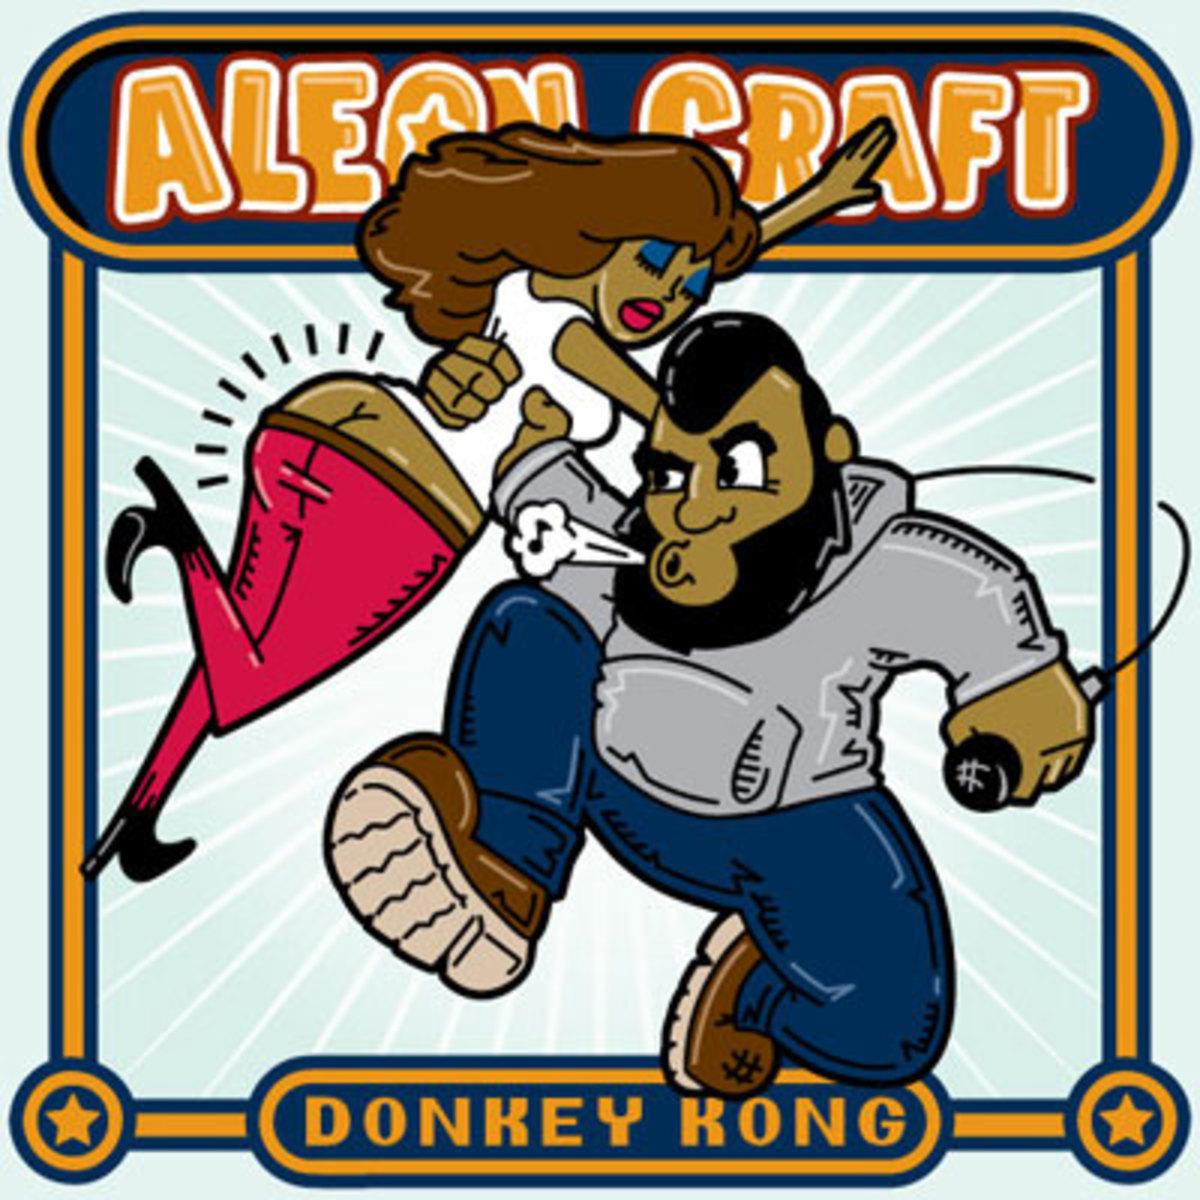 aleoncraft-donkeykong.jpg